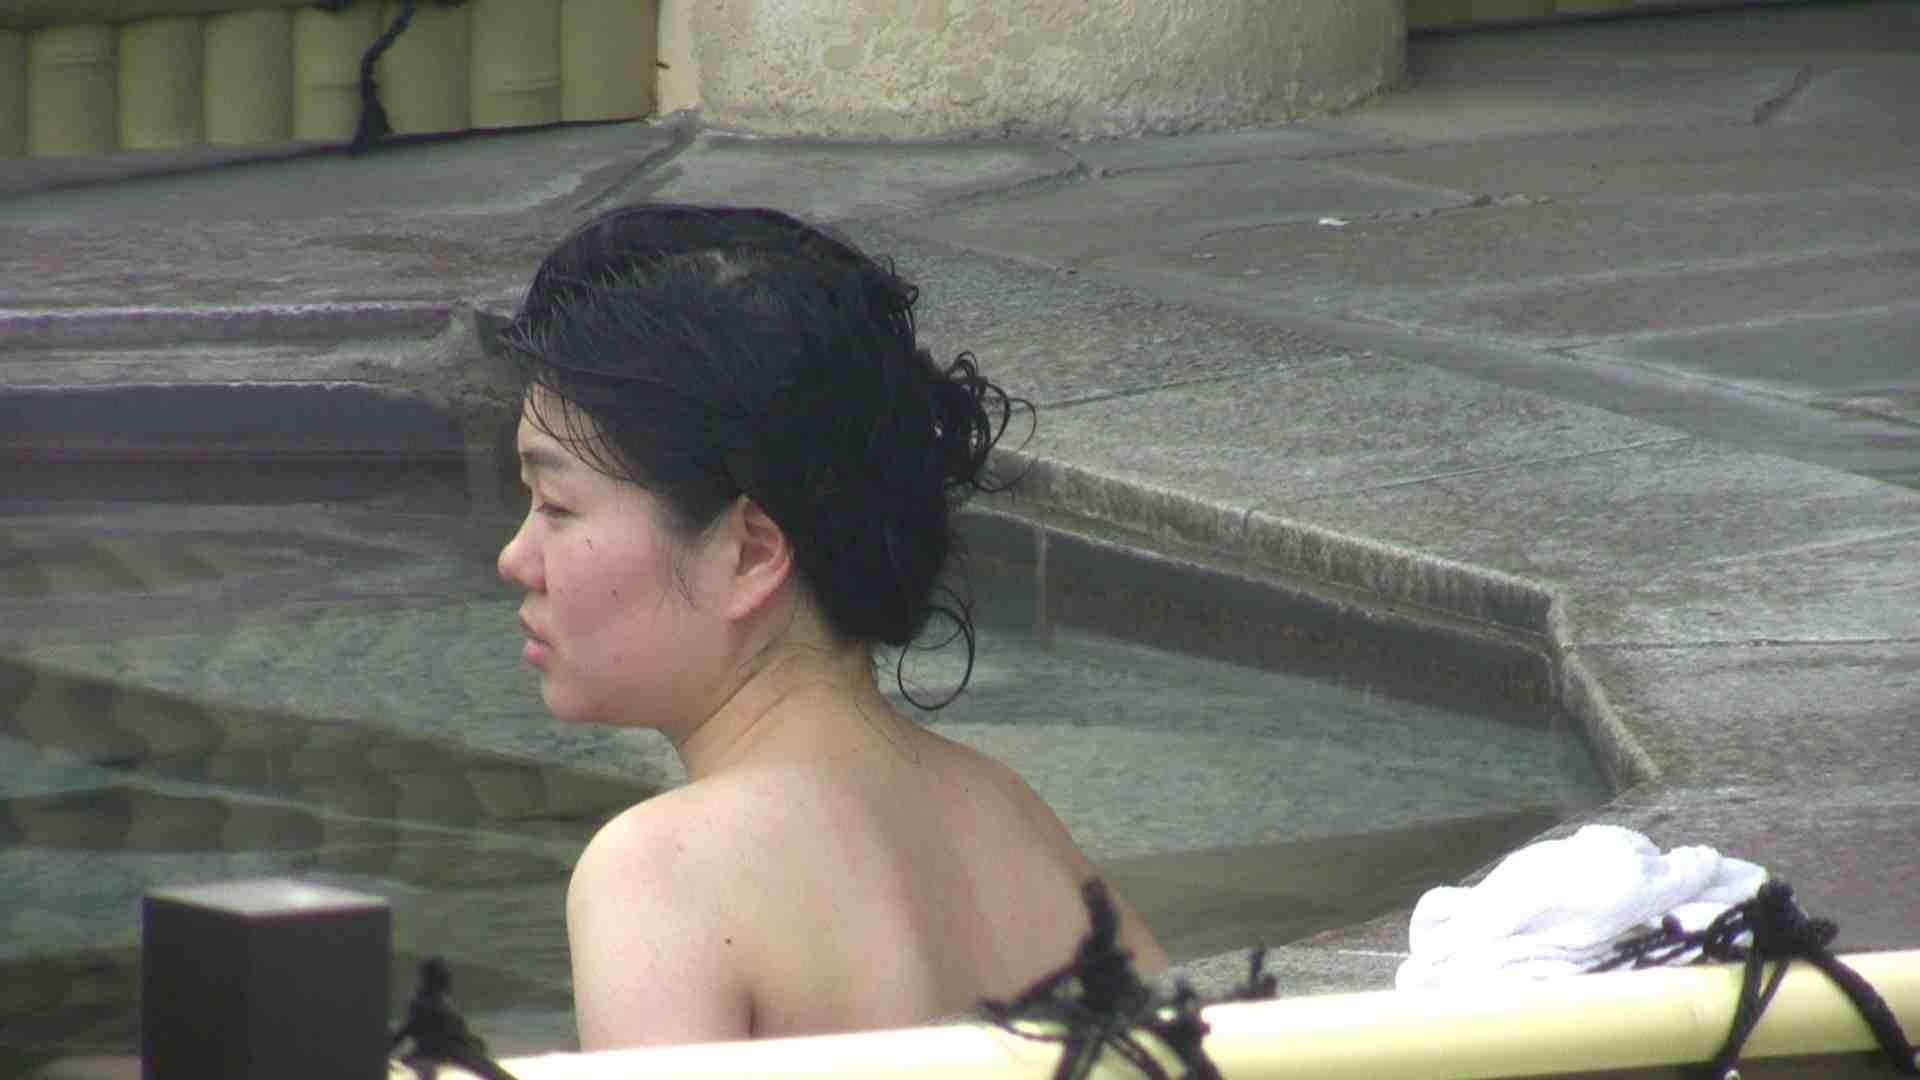 Aquaな露天風呂Vol.675 盗撮  77画像 69